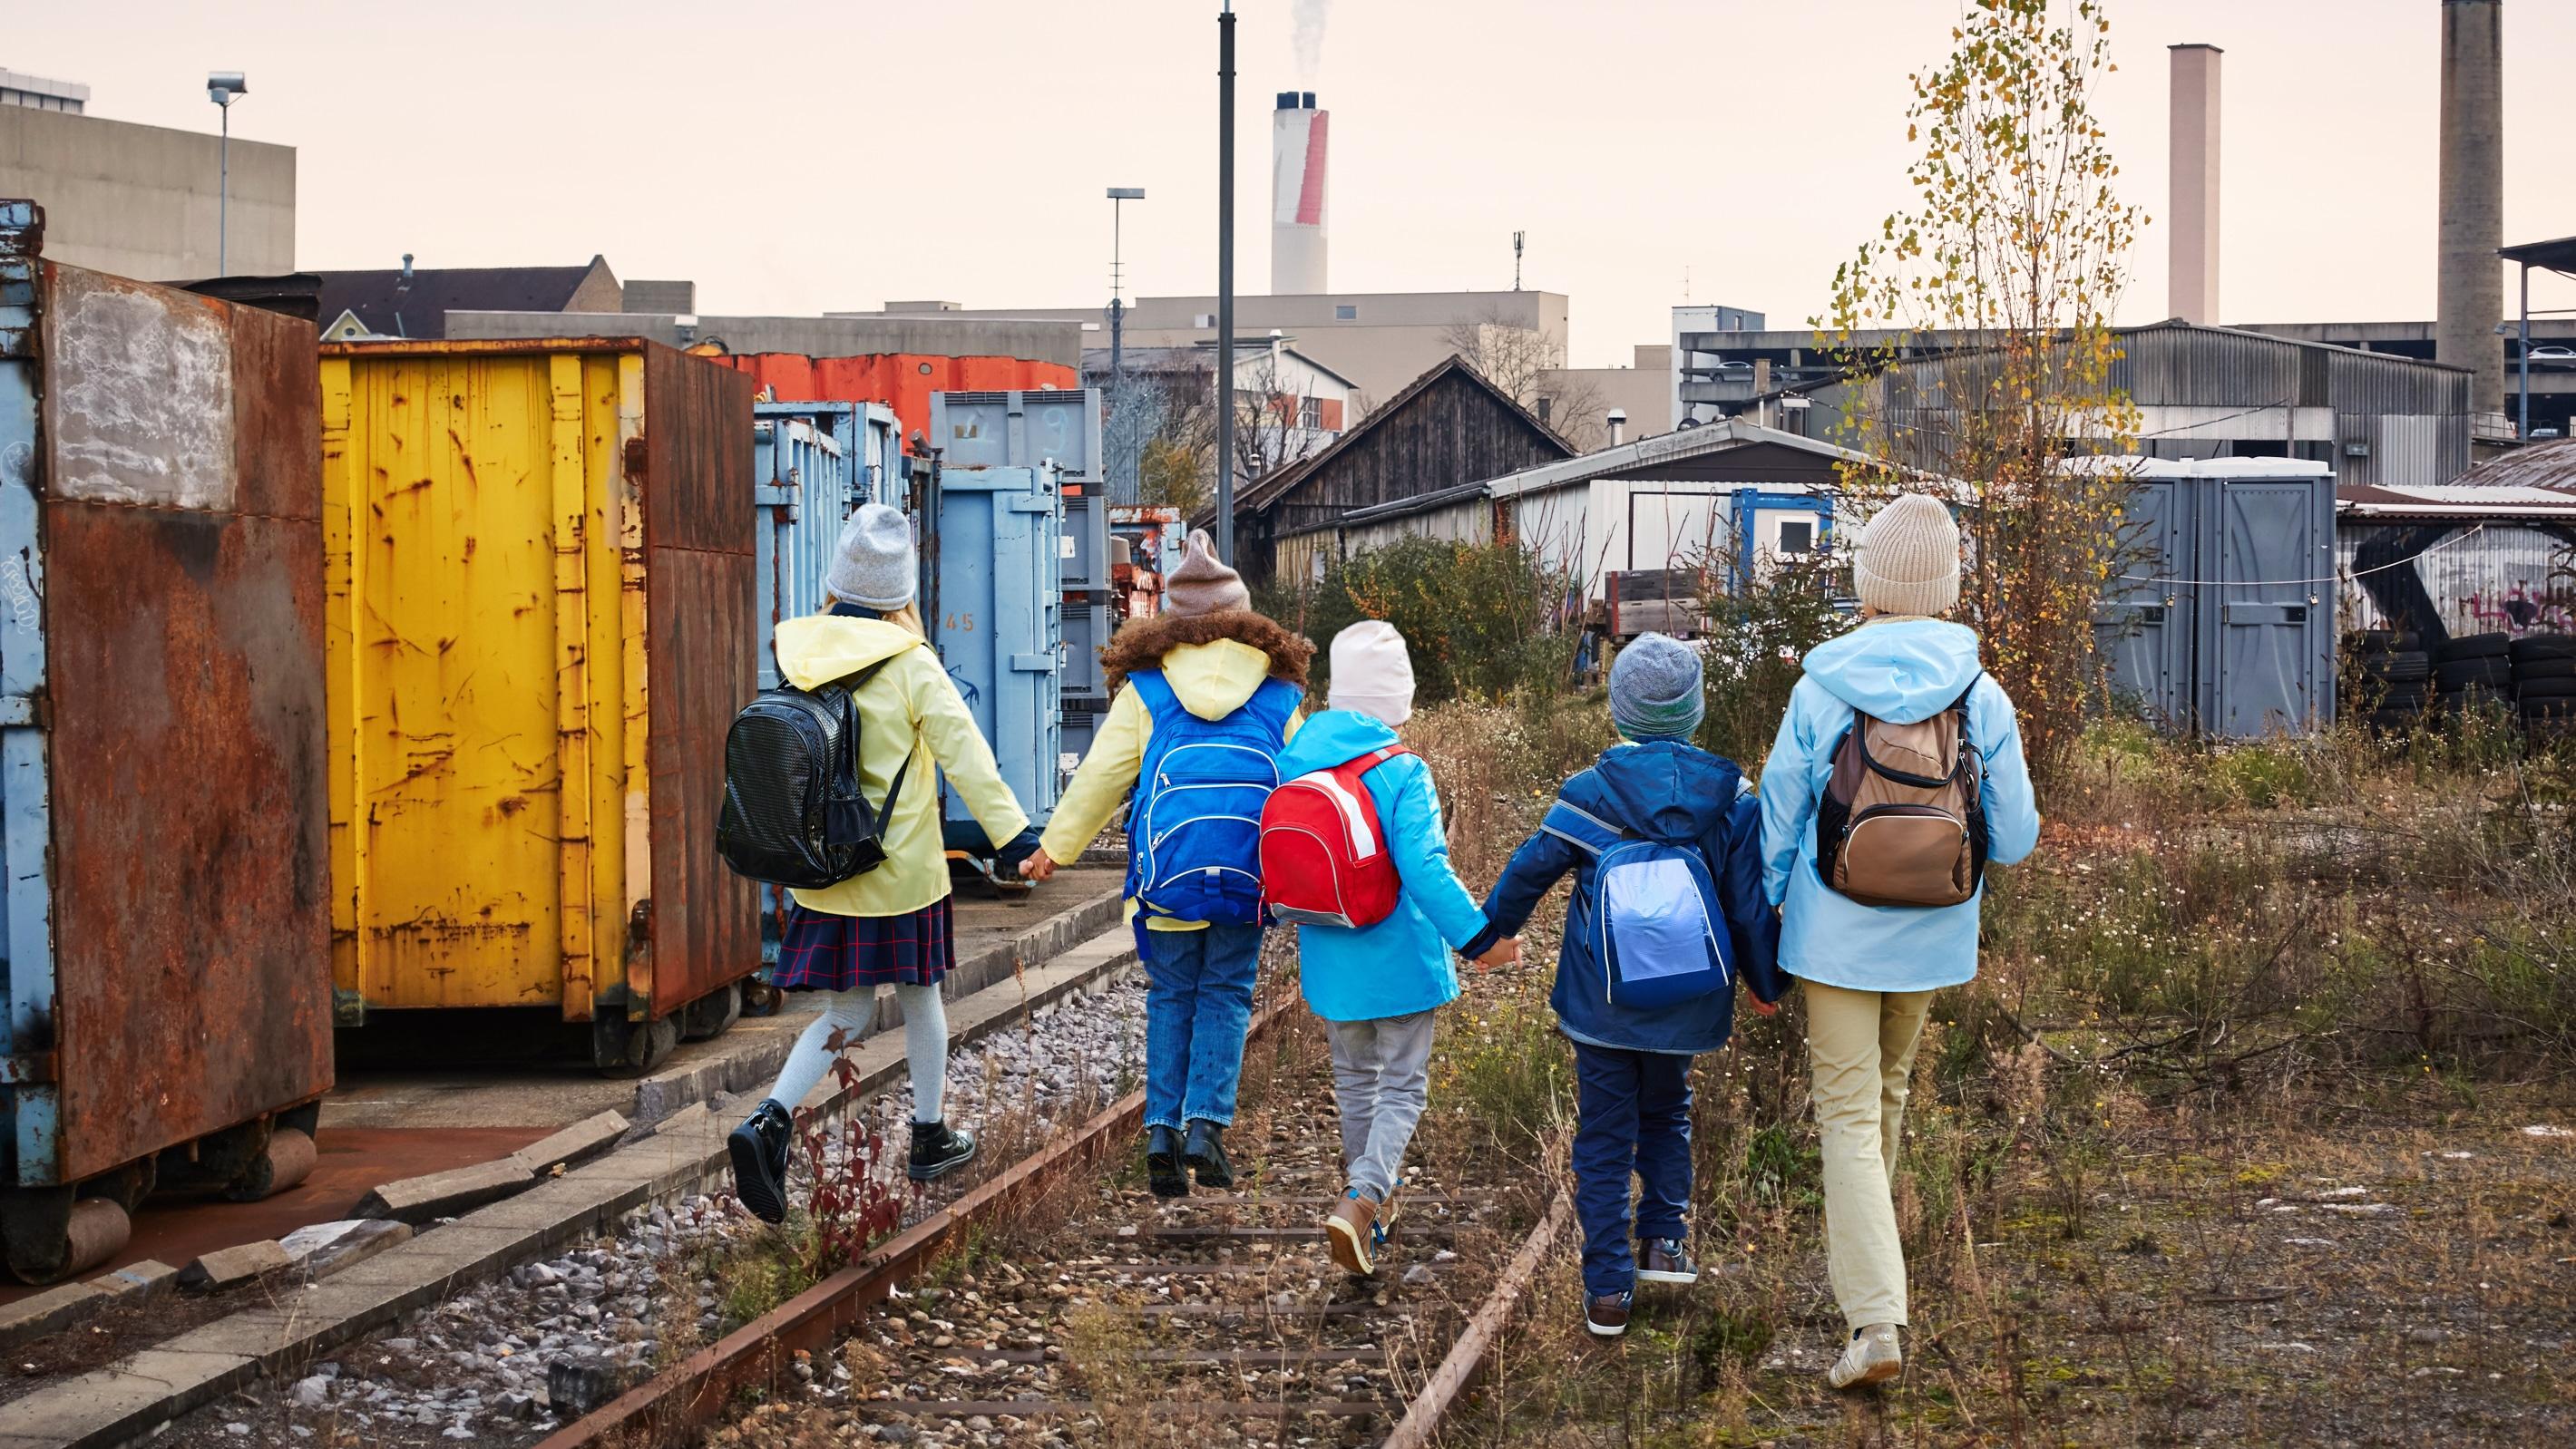 Geht es nach der Regierung, sollen bereits im Sommer 2020 Kinder im Lysbüchel zur Schule gehen.